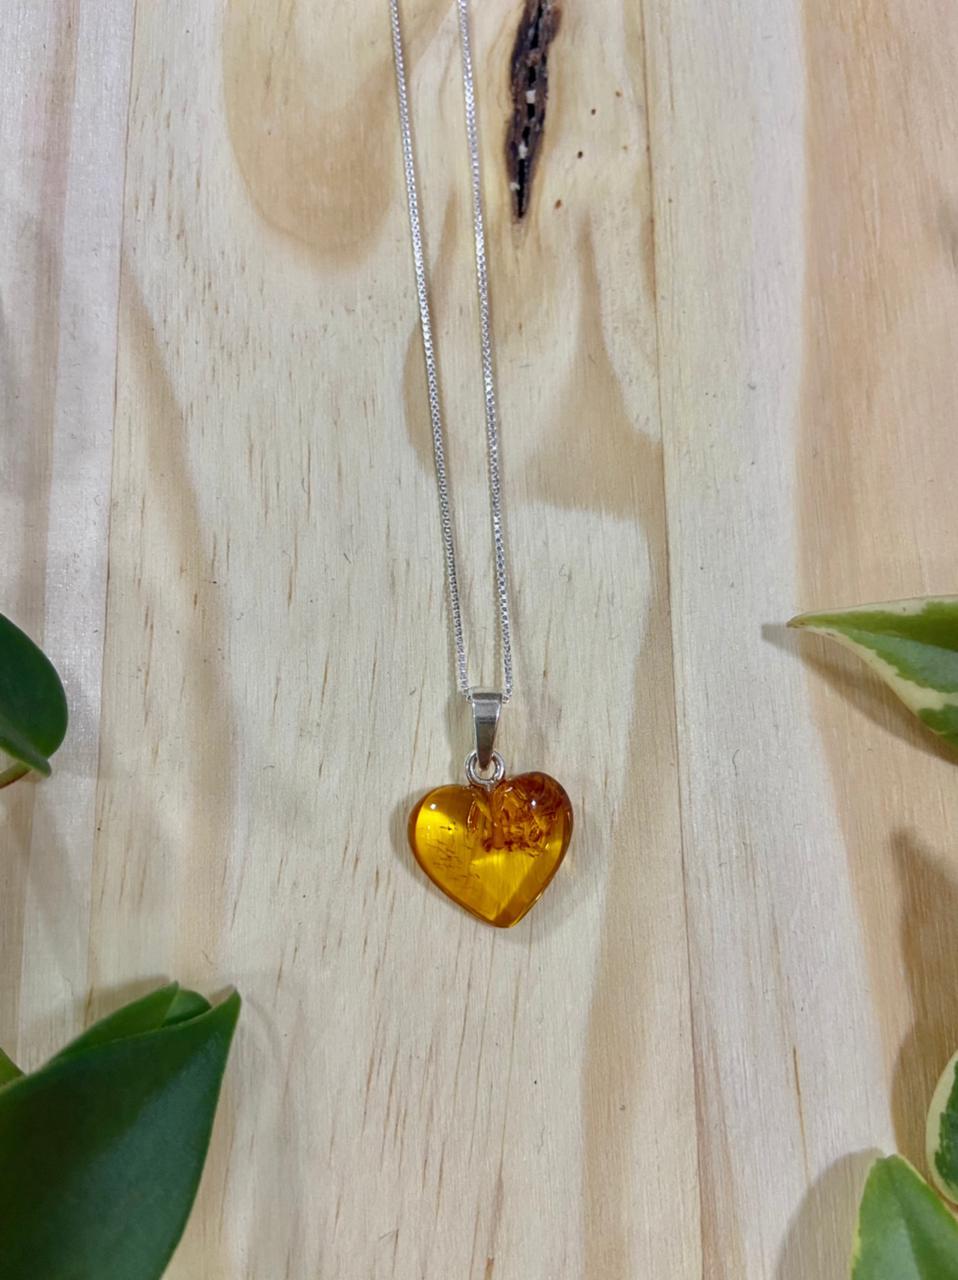 Corrente de Prata Veneziana com Pingente de Coração de Âmbar Mel Polido